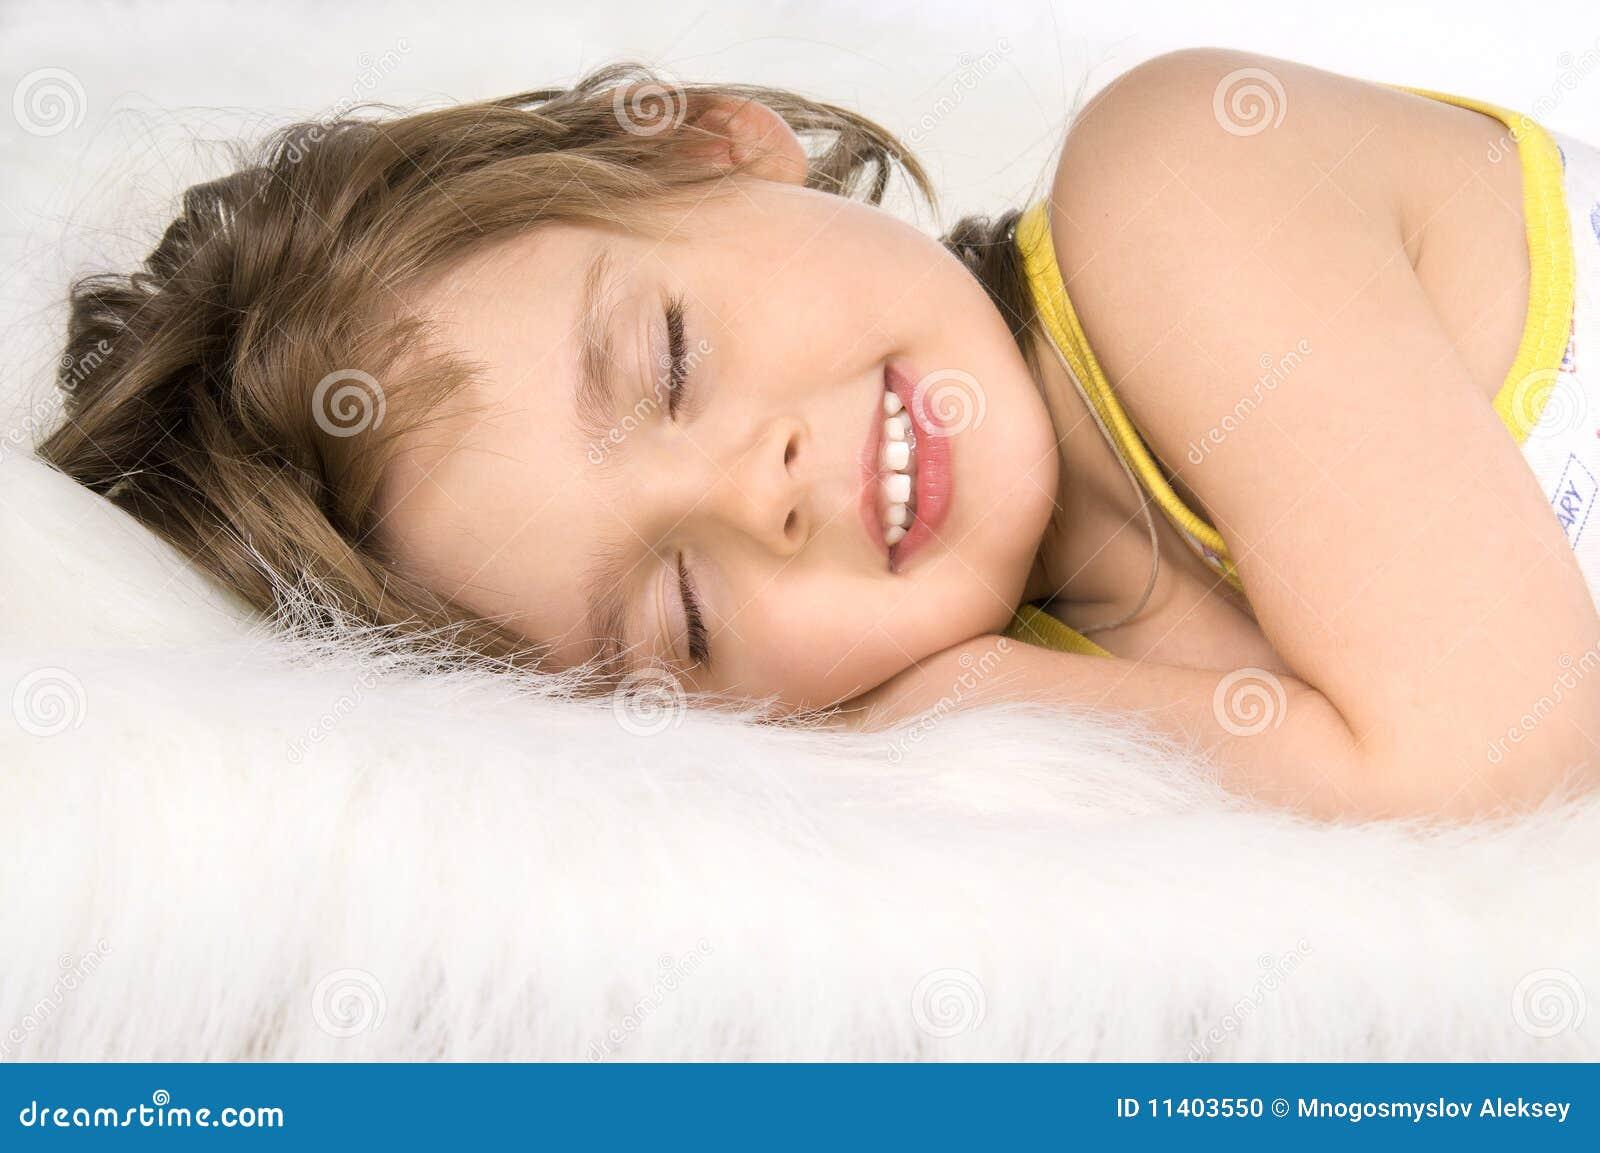 Почему человек во сне скрипит зубами и жует